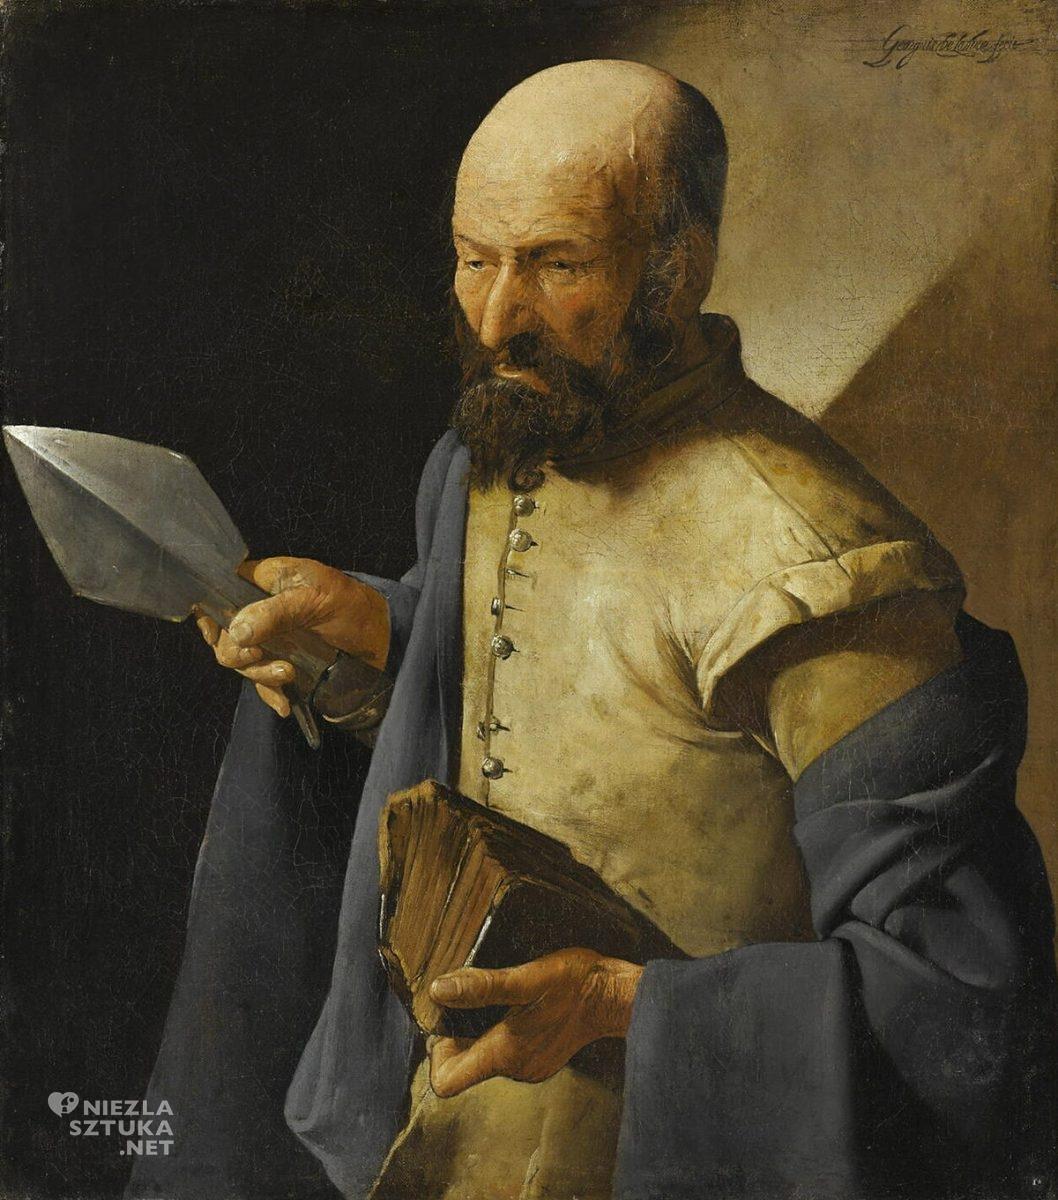 Georges de La Tour, Święty Tomasz, sztuka religijna, barok, sztuka francuska, Niezła Sztuka